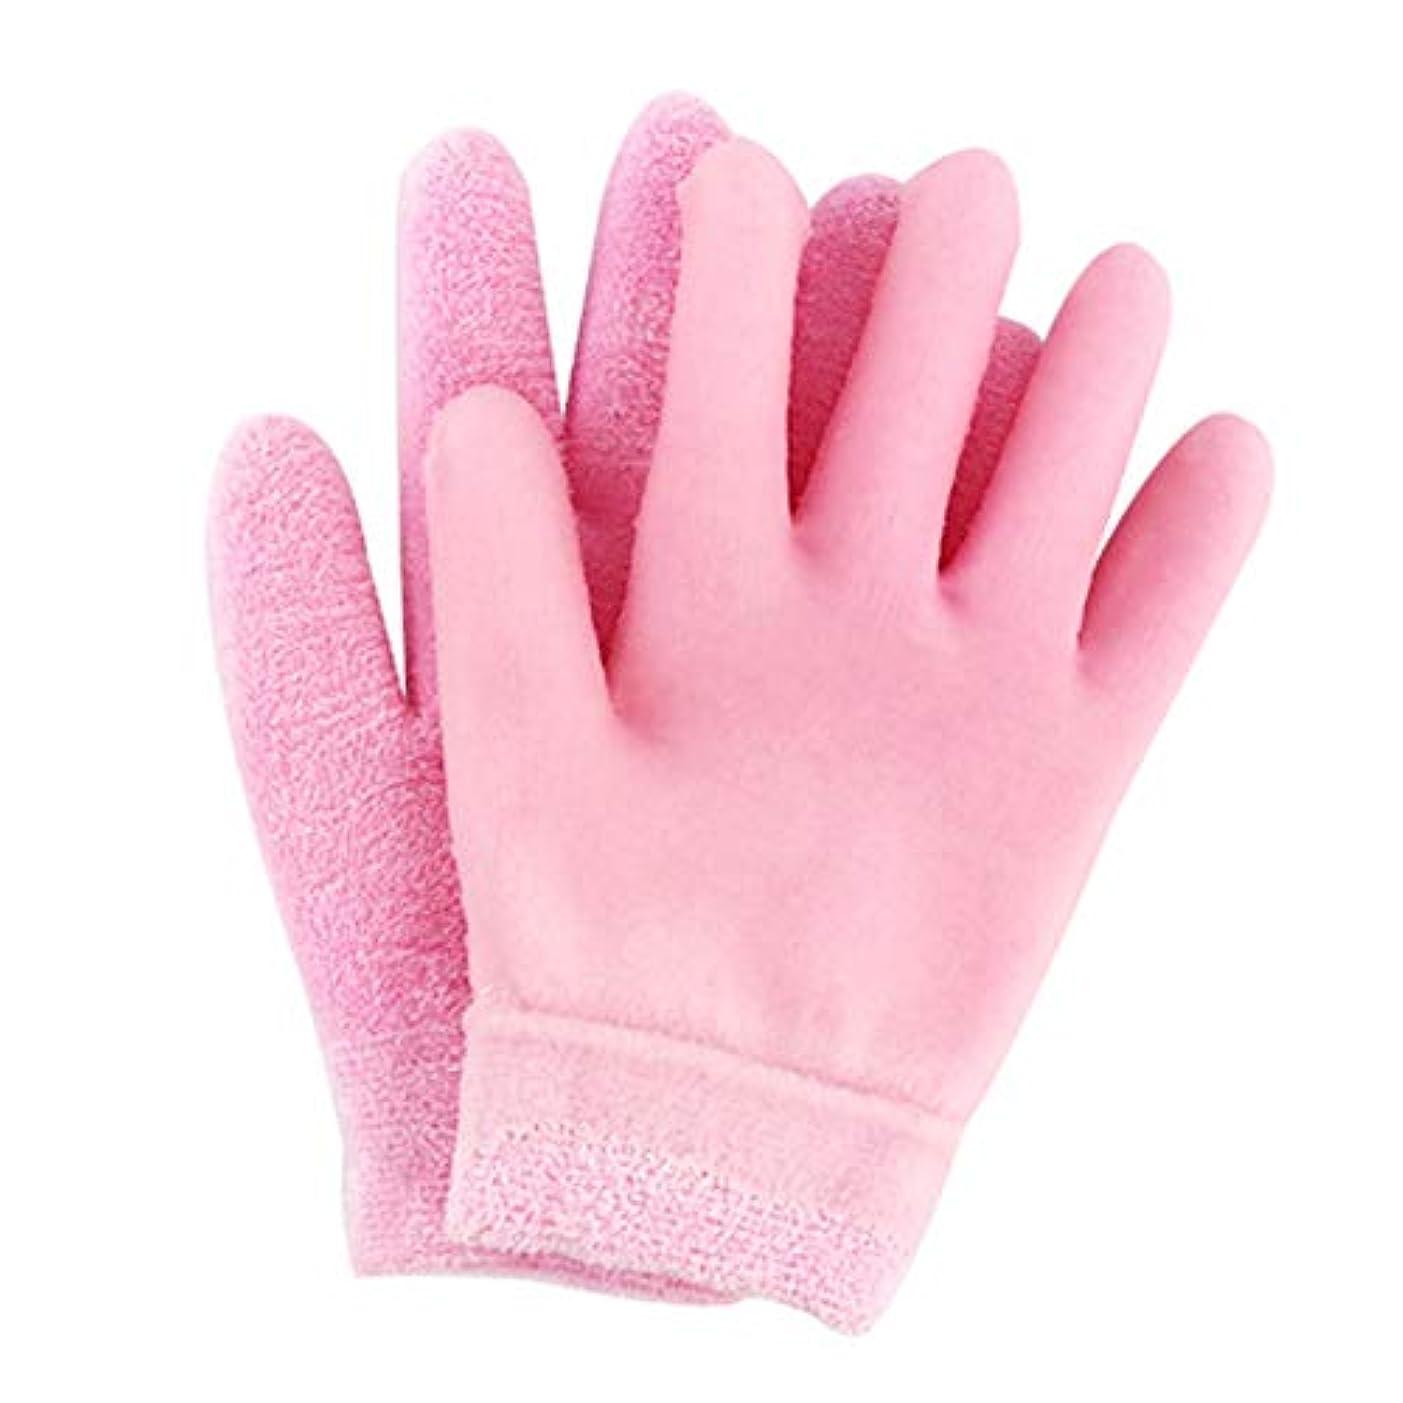 感情エージェントフォーラム美容 保湿 手袋 ハイドロ ジェル グローブ 手荒れ対策 フリーサイズ